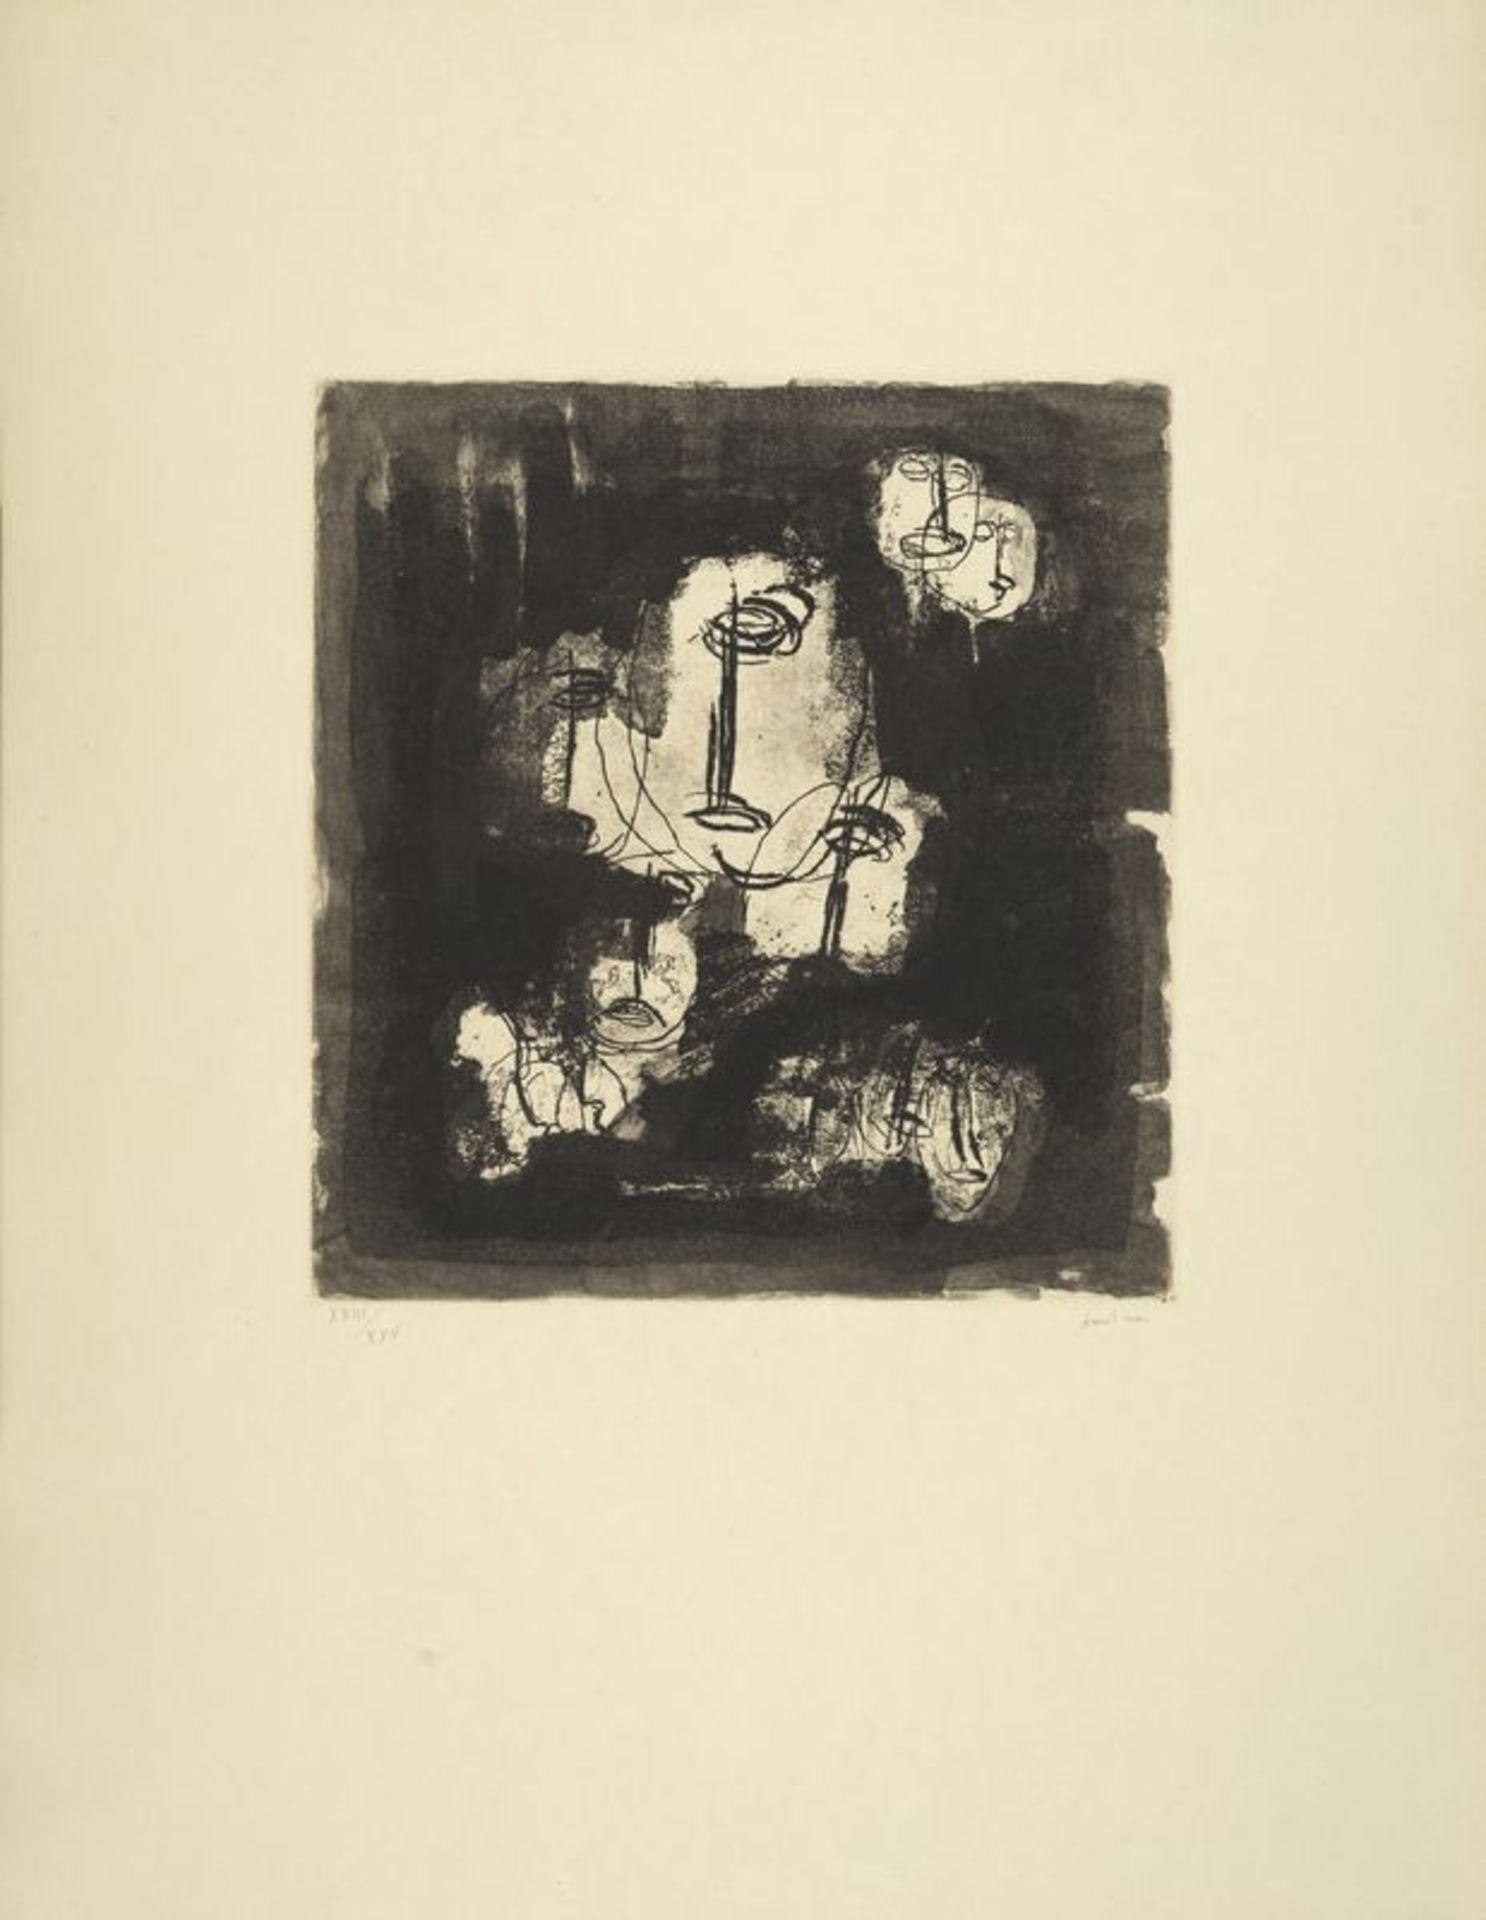 """Los 18 - Jean FAUTRIER (1898-1964) - Otages fond noir, d'après """"Fautrier, l'enragé"""" - Eau [...]"""